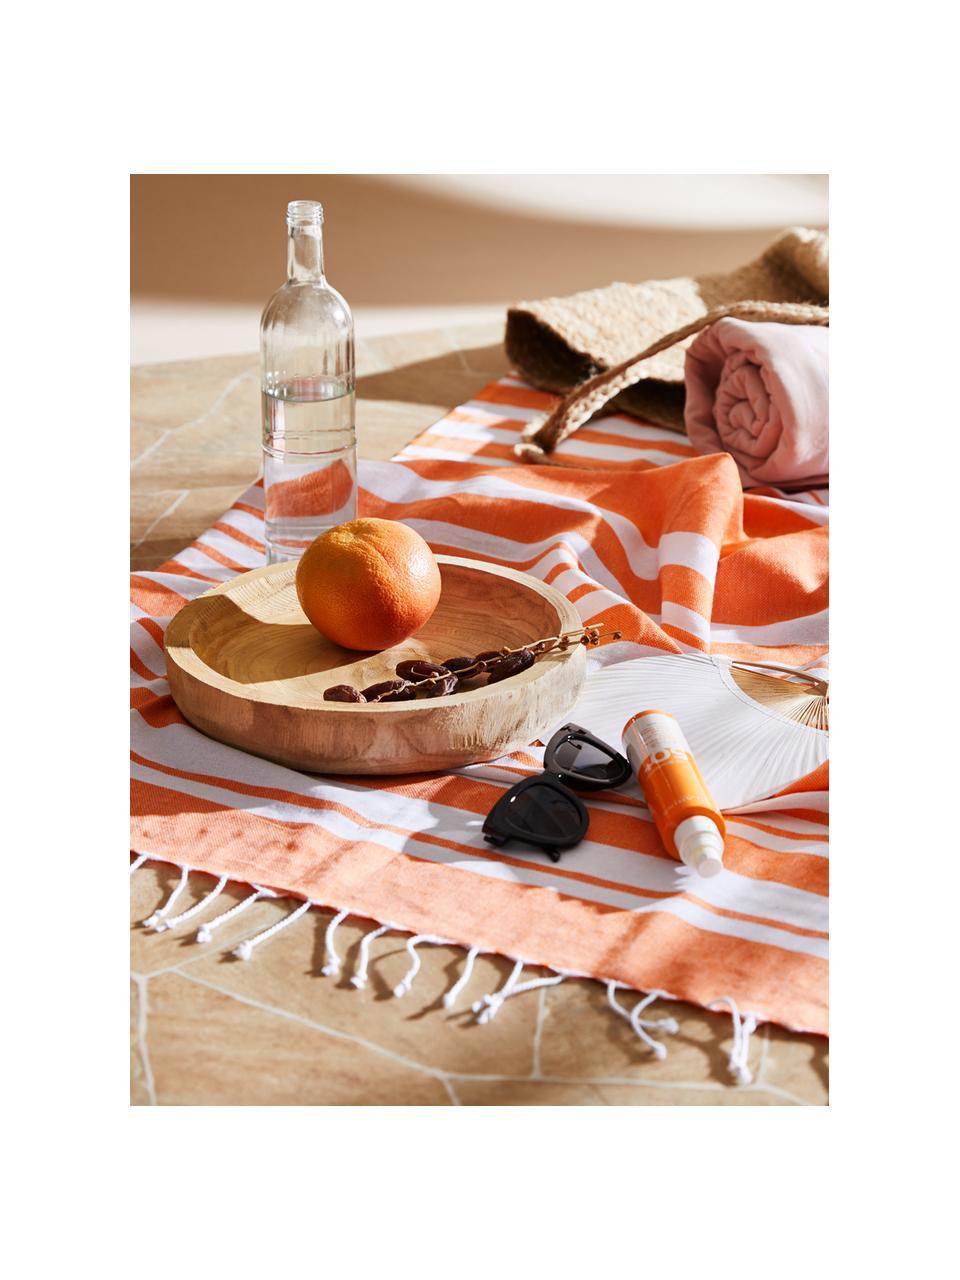 Ręcznik plażowy z frędzlami Stripy, Bawełna Bardzo niska gramatura, 185 g/m², Pomarańczowy, biały, S 95 x D 175 cm